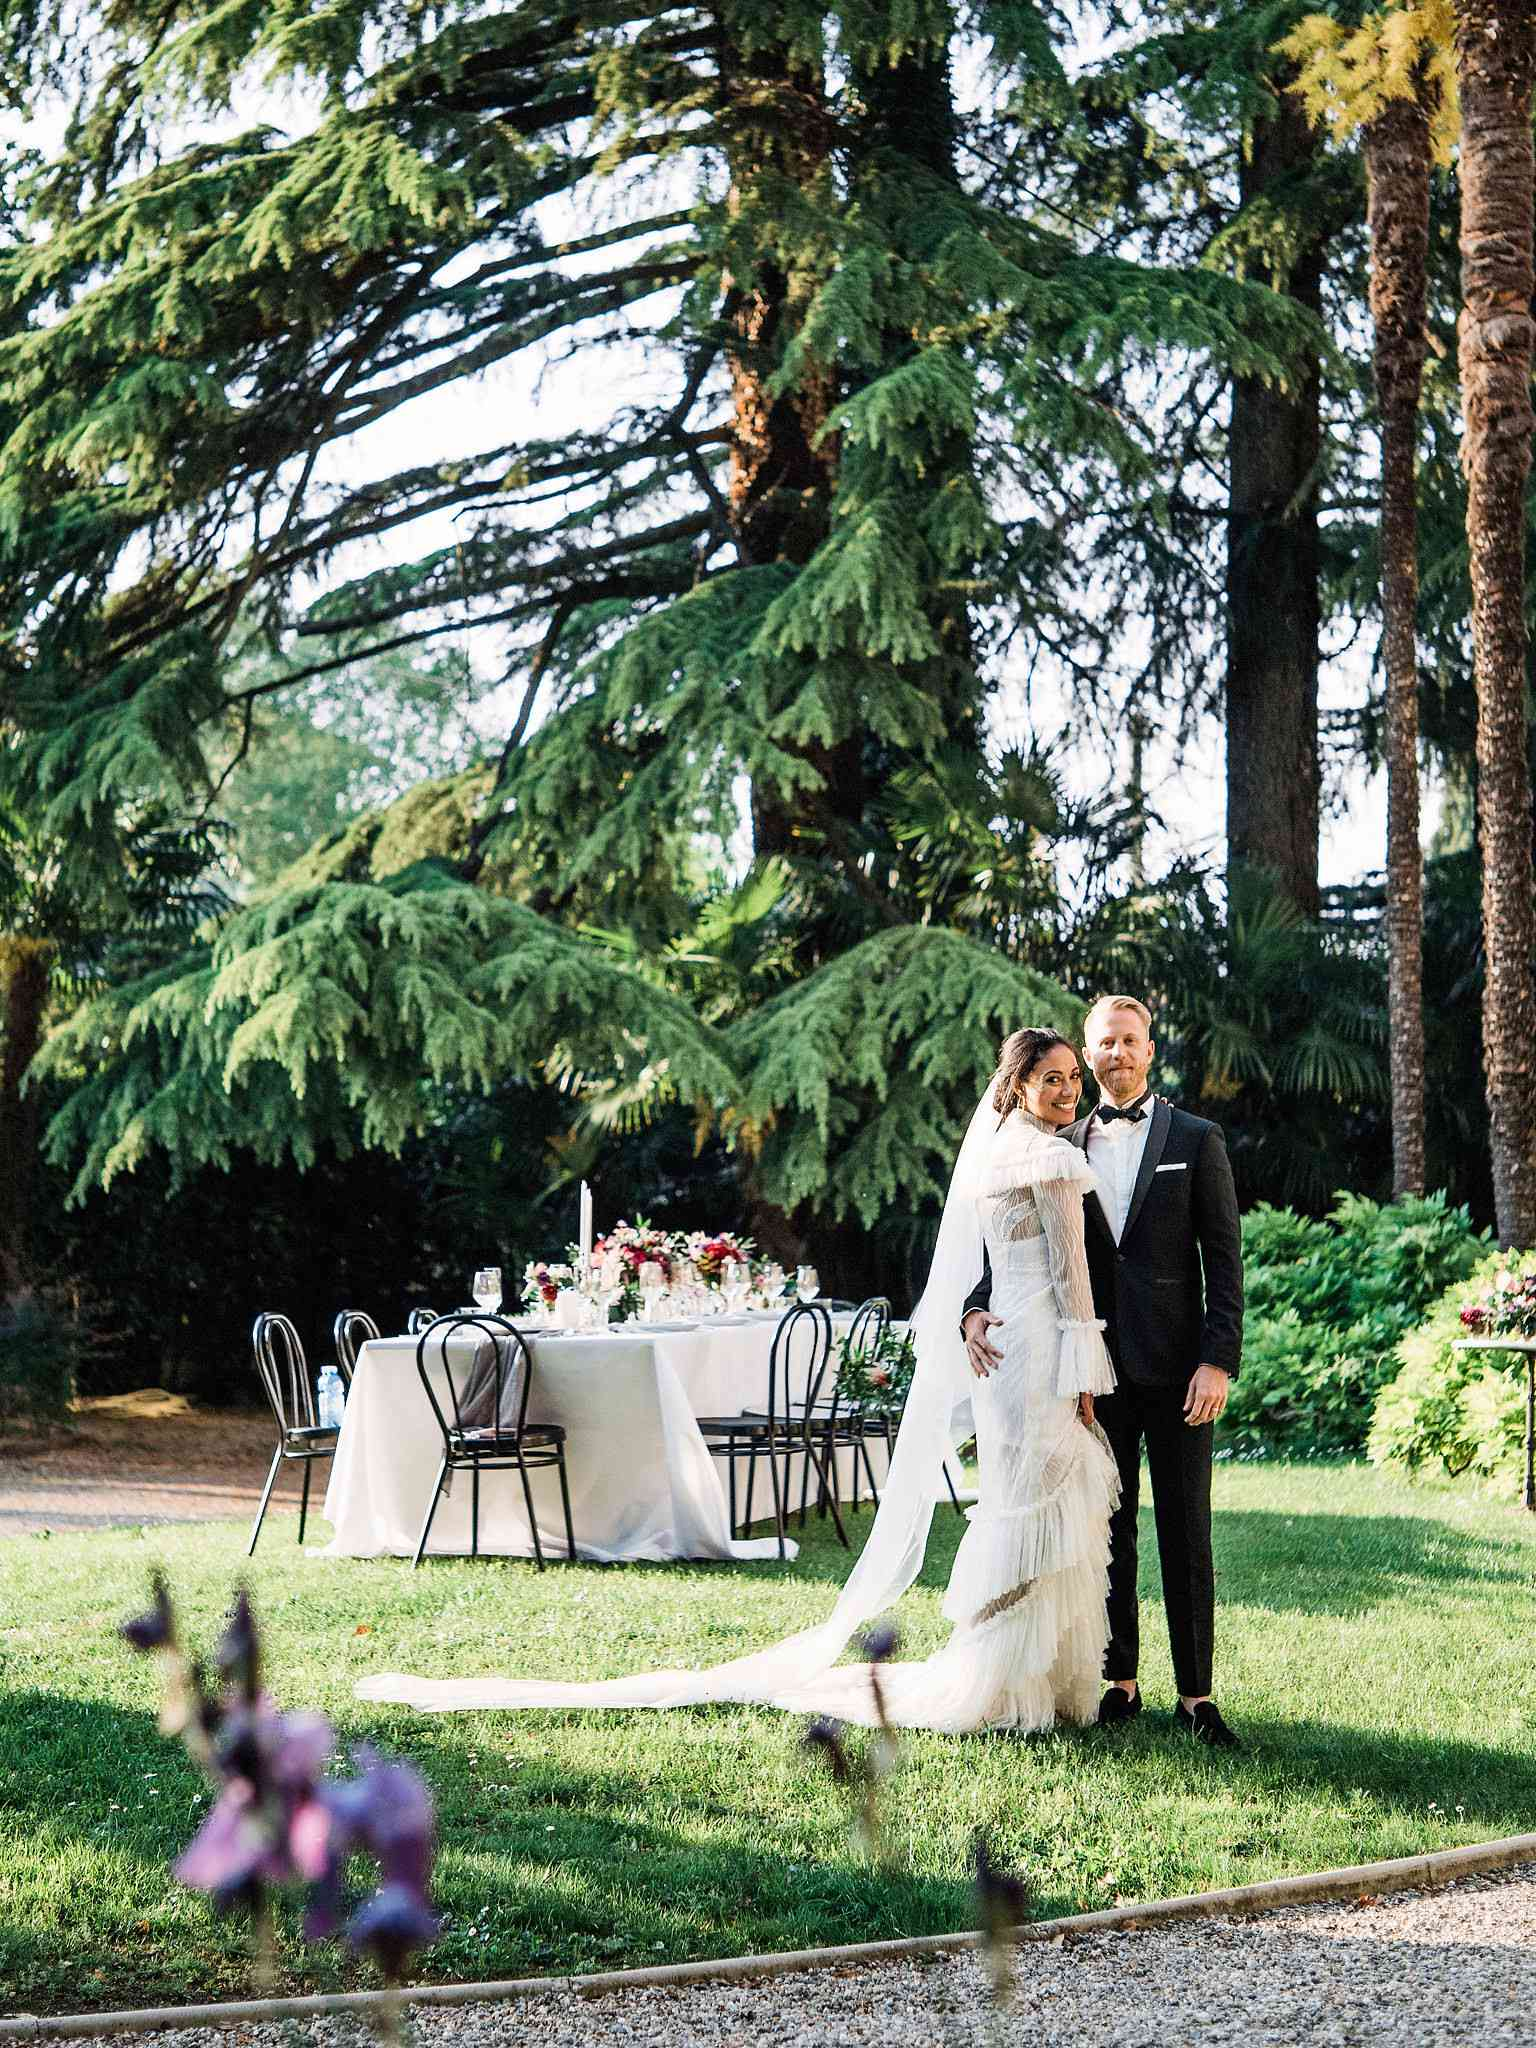 <p>Bride and Groom at Villa</p><br><br>